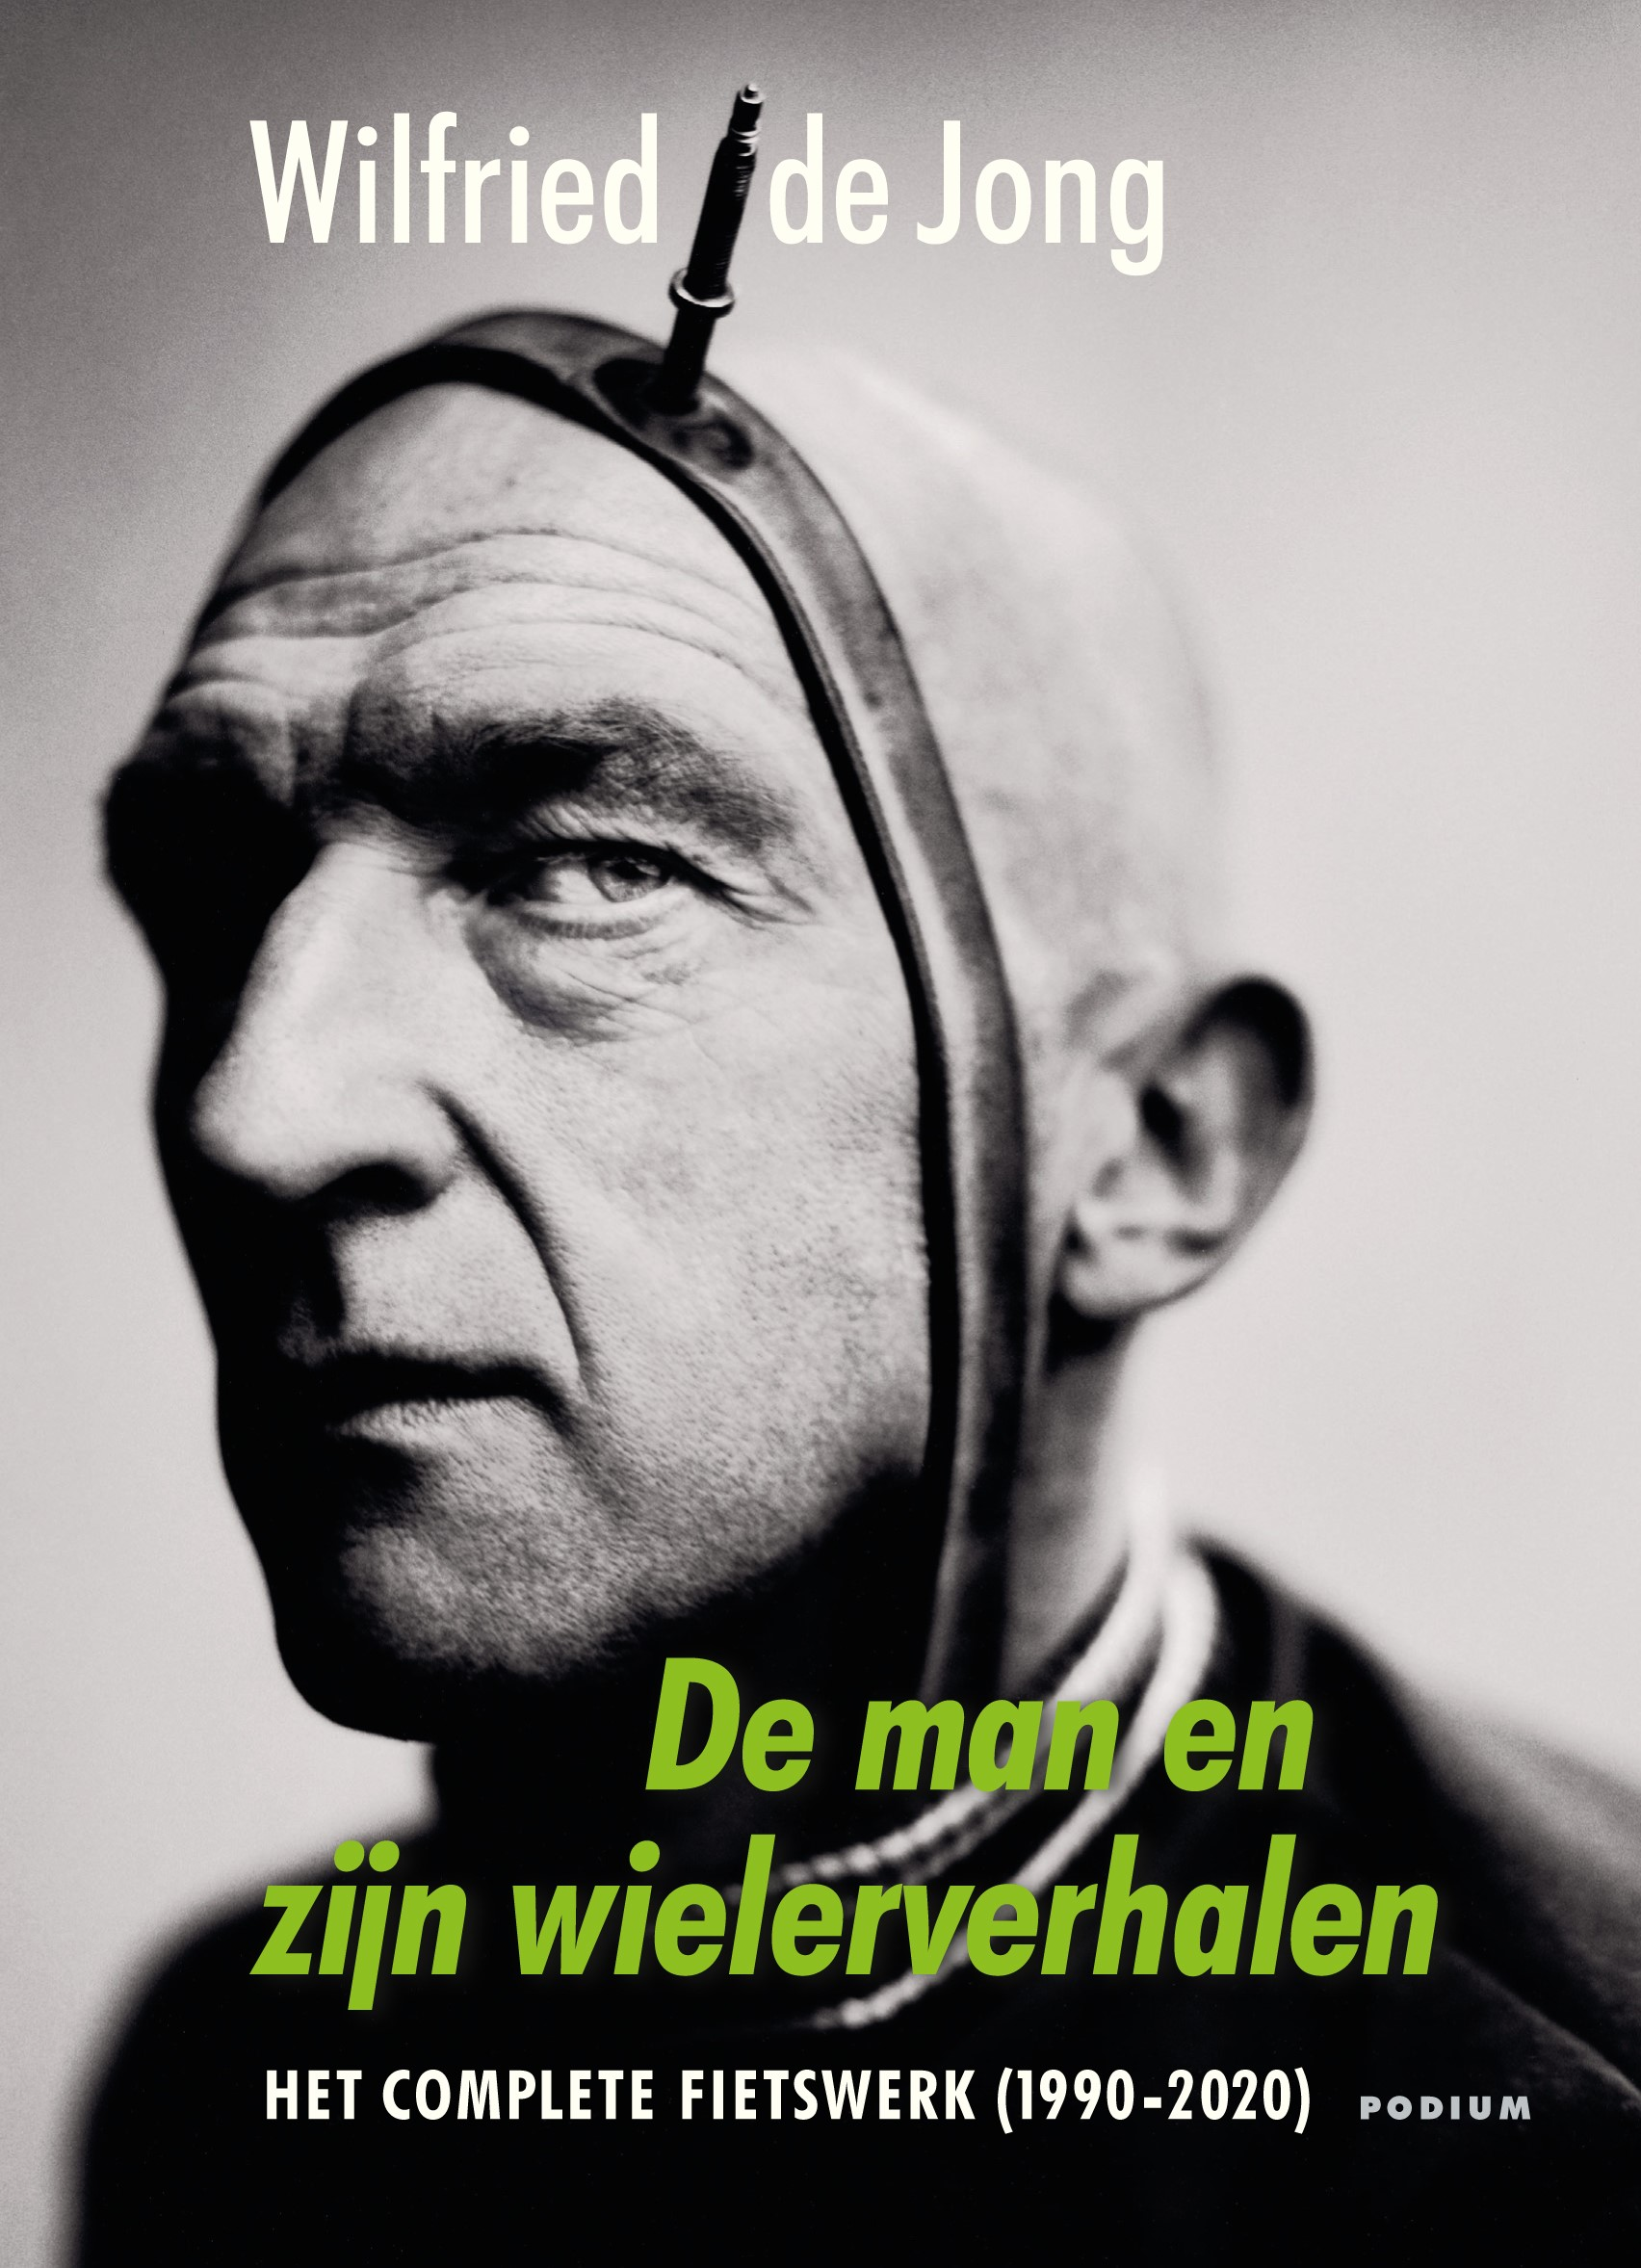 De man en zijn wielerverhalen - boekenflits.nl